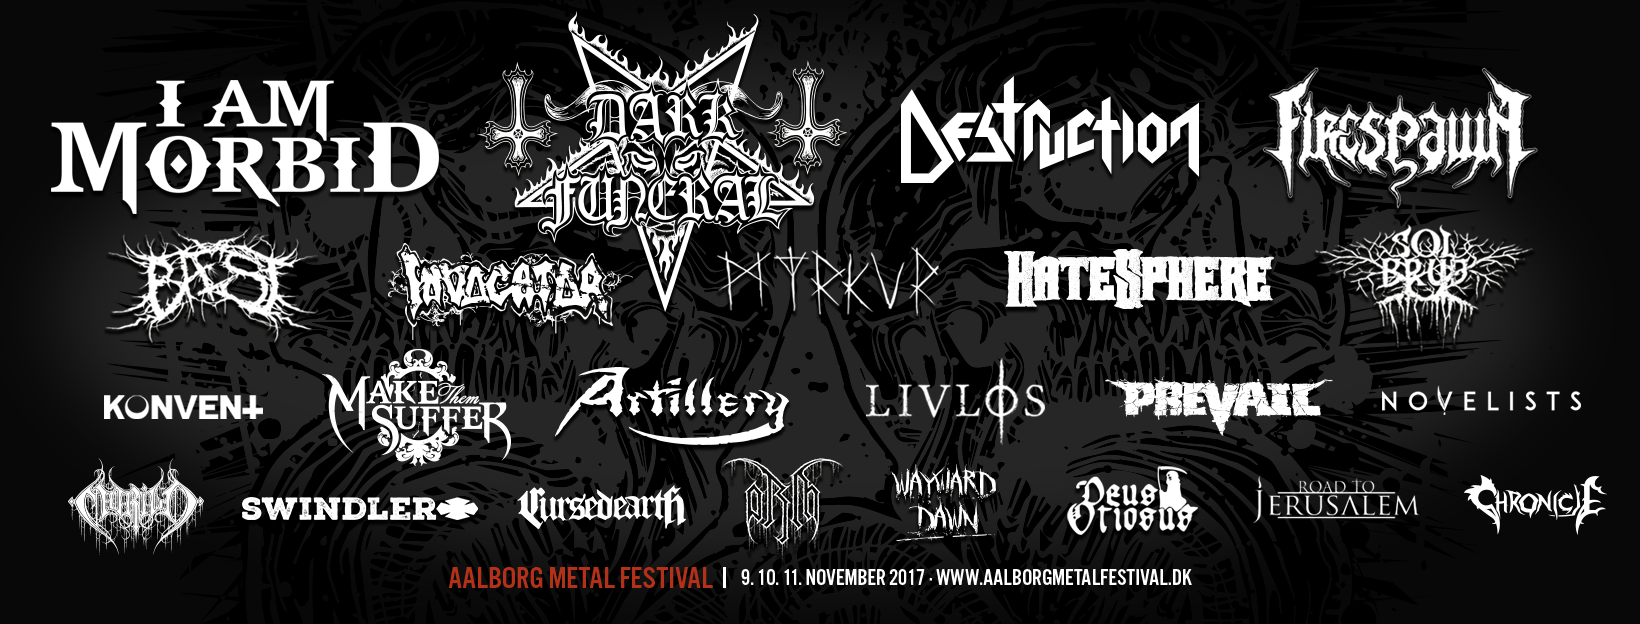 Aalborg Metal Festival 2017